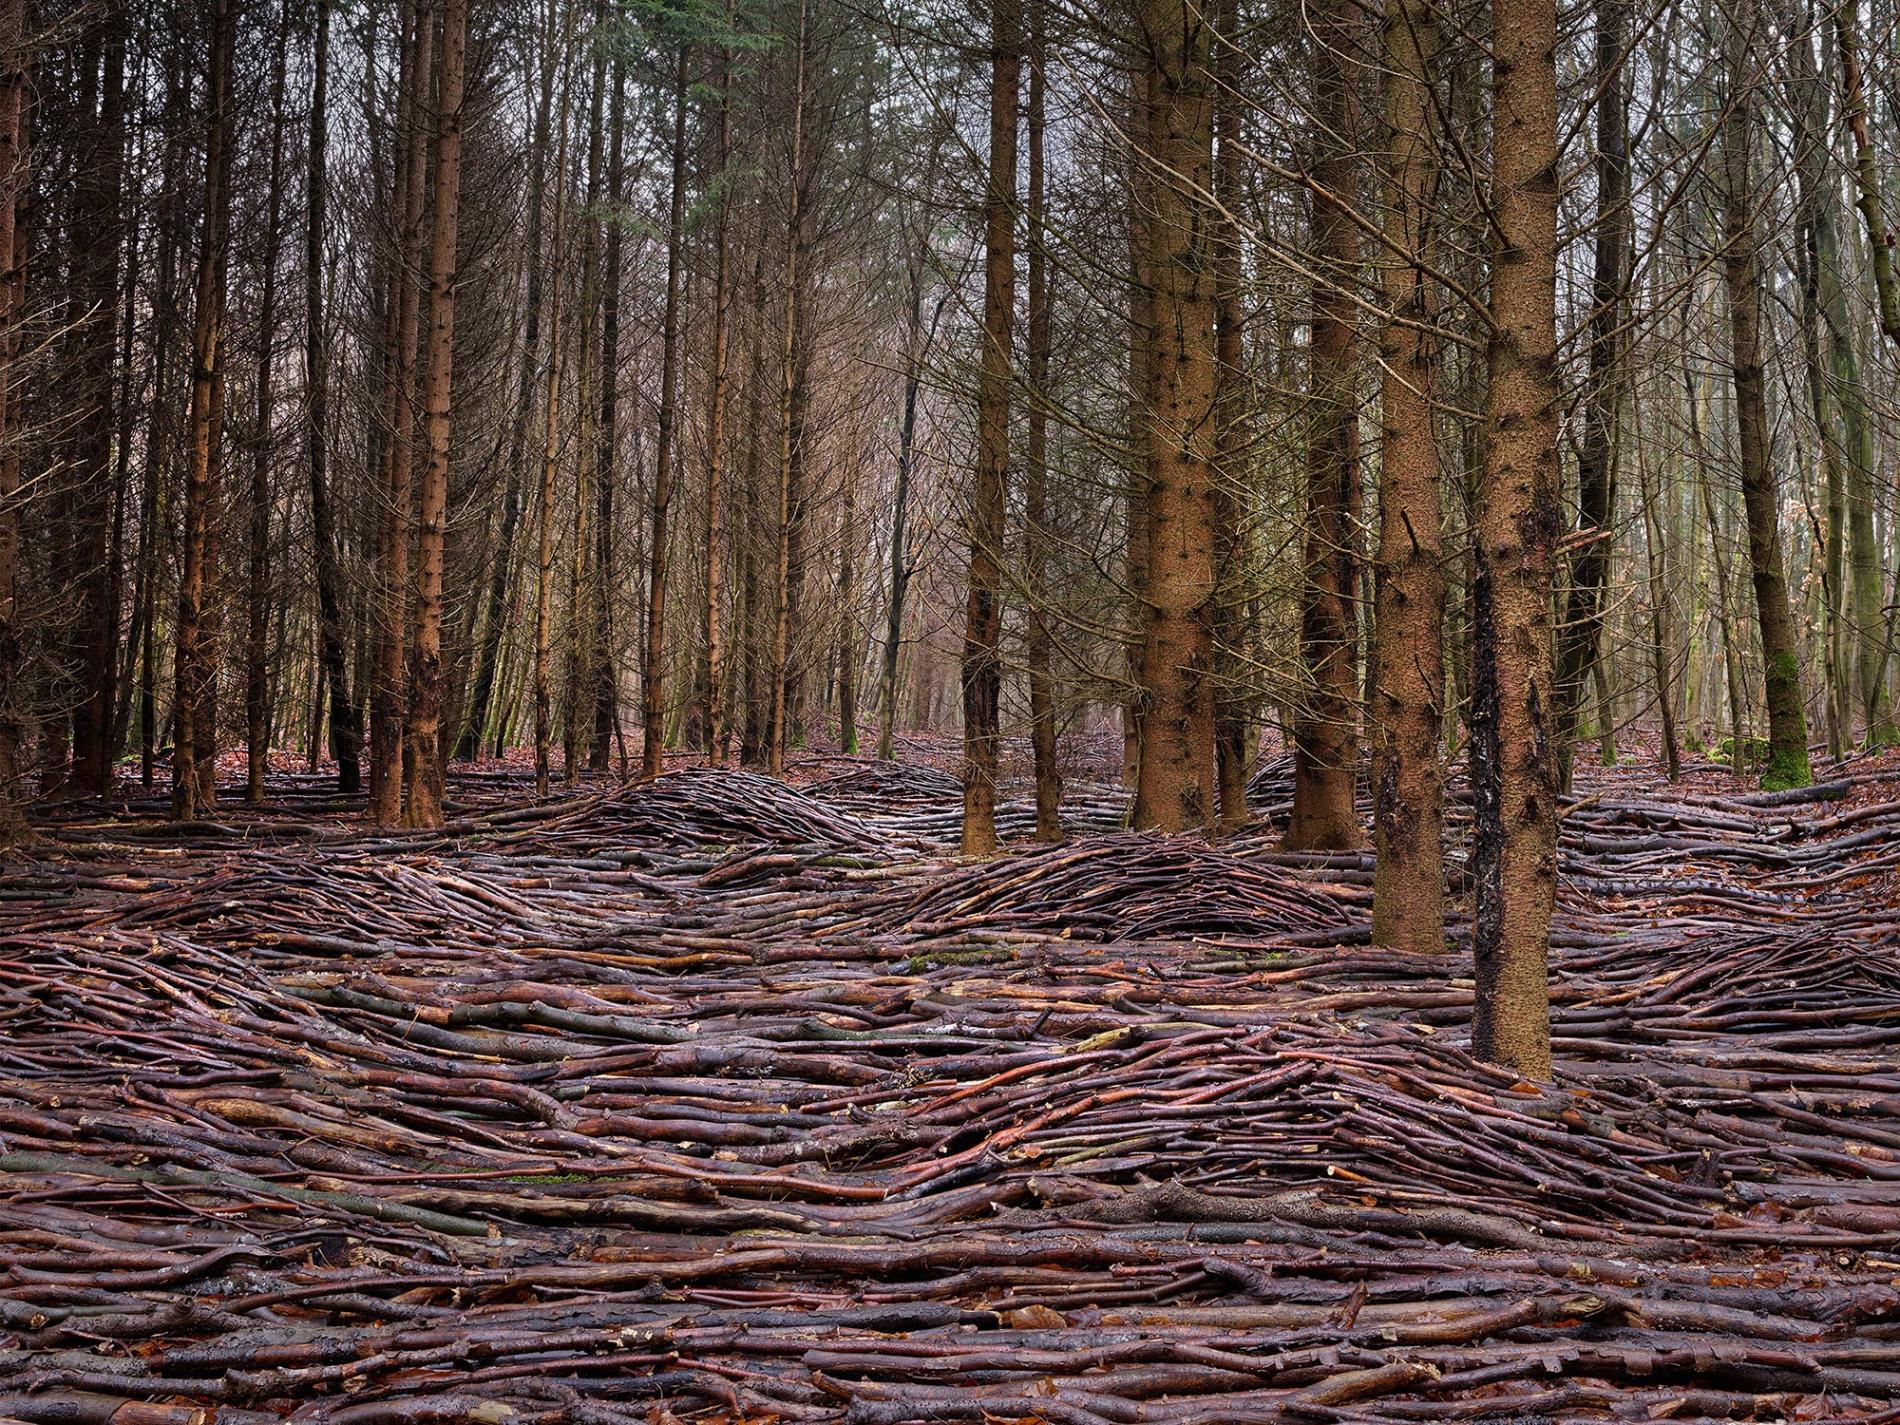 olas de madera fotografia Jörg Gläscher mar